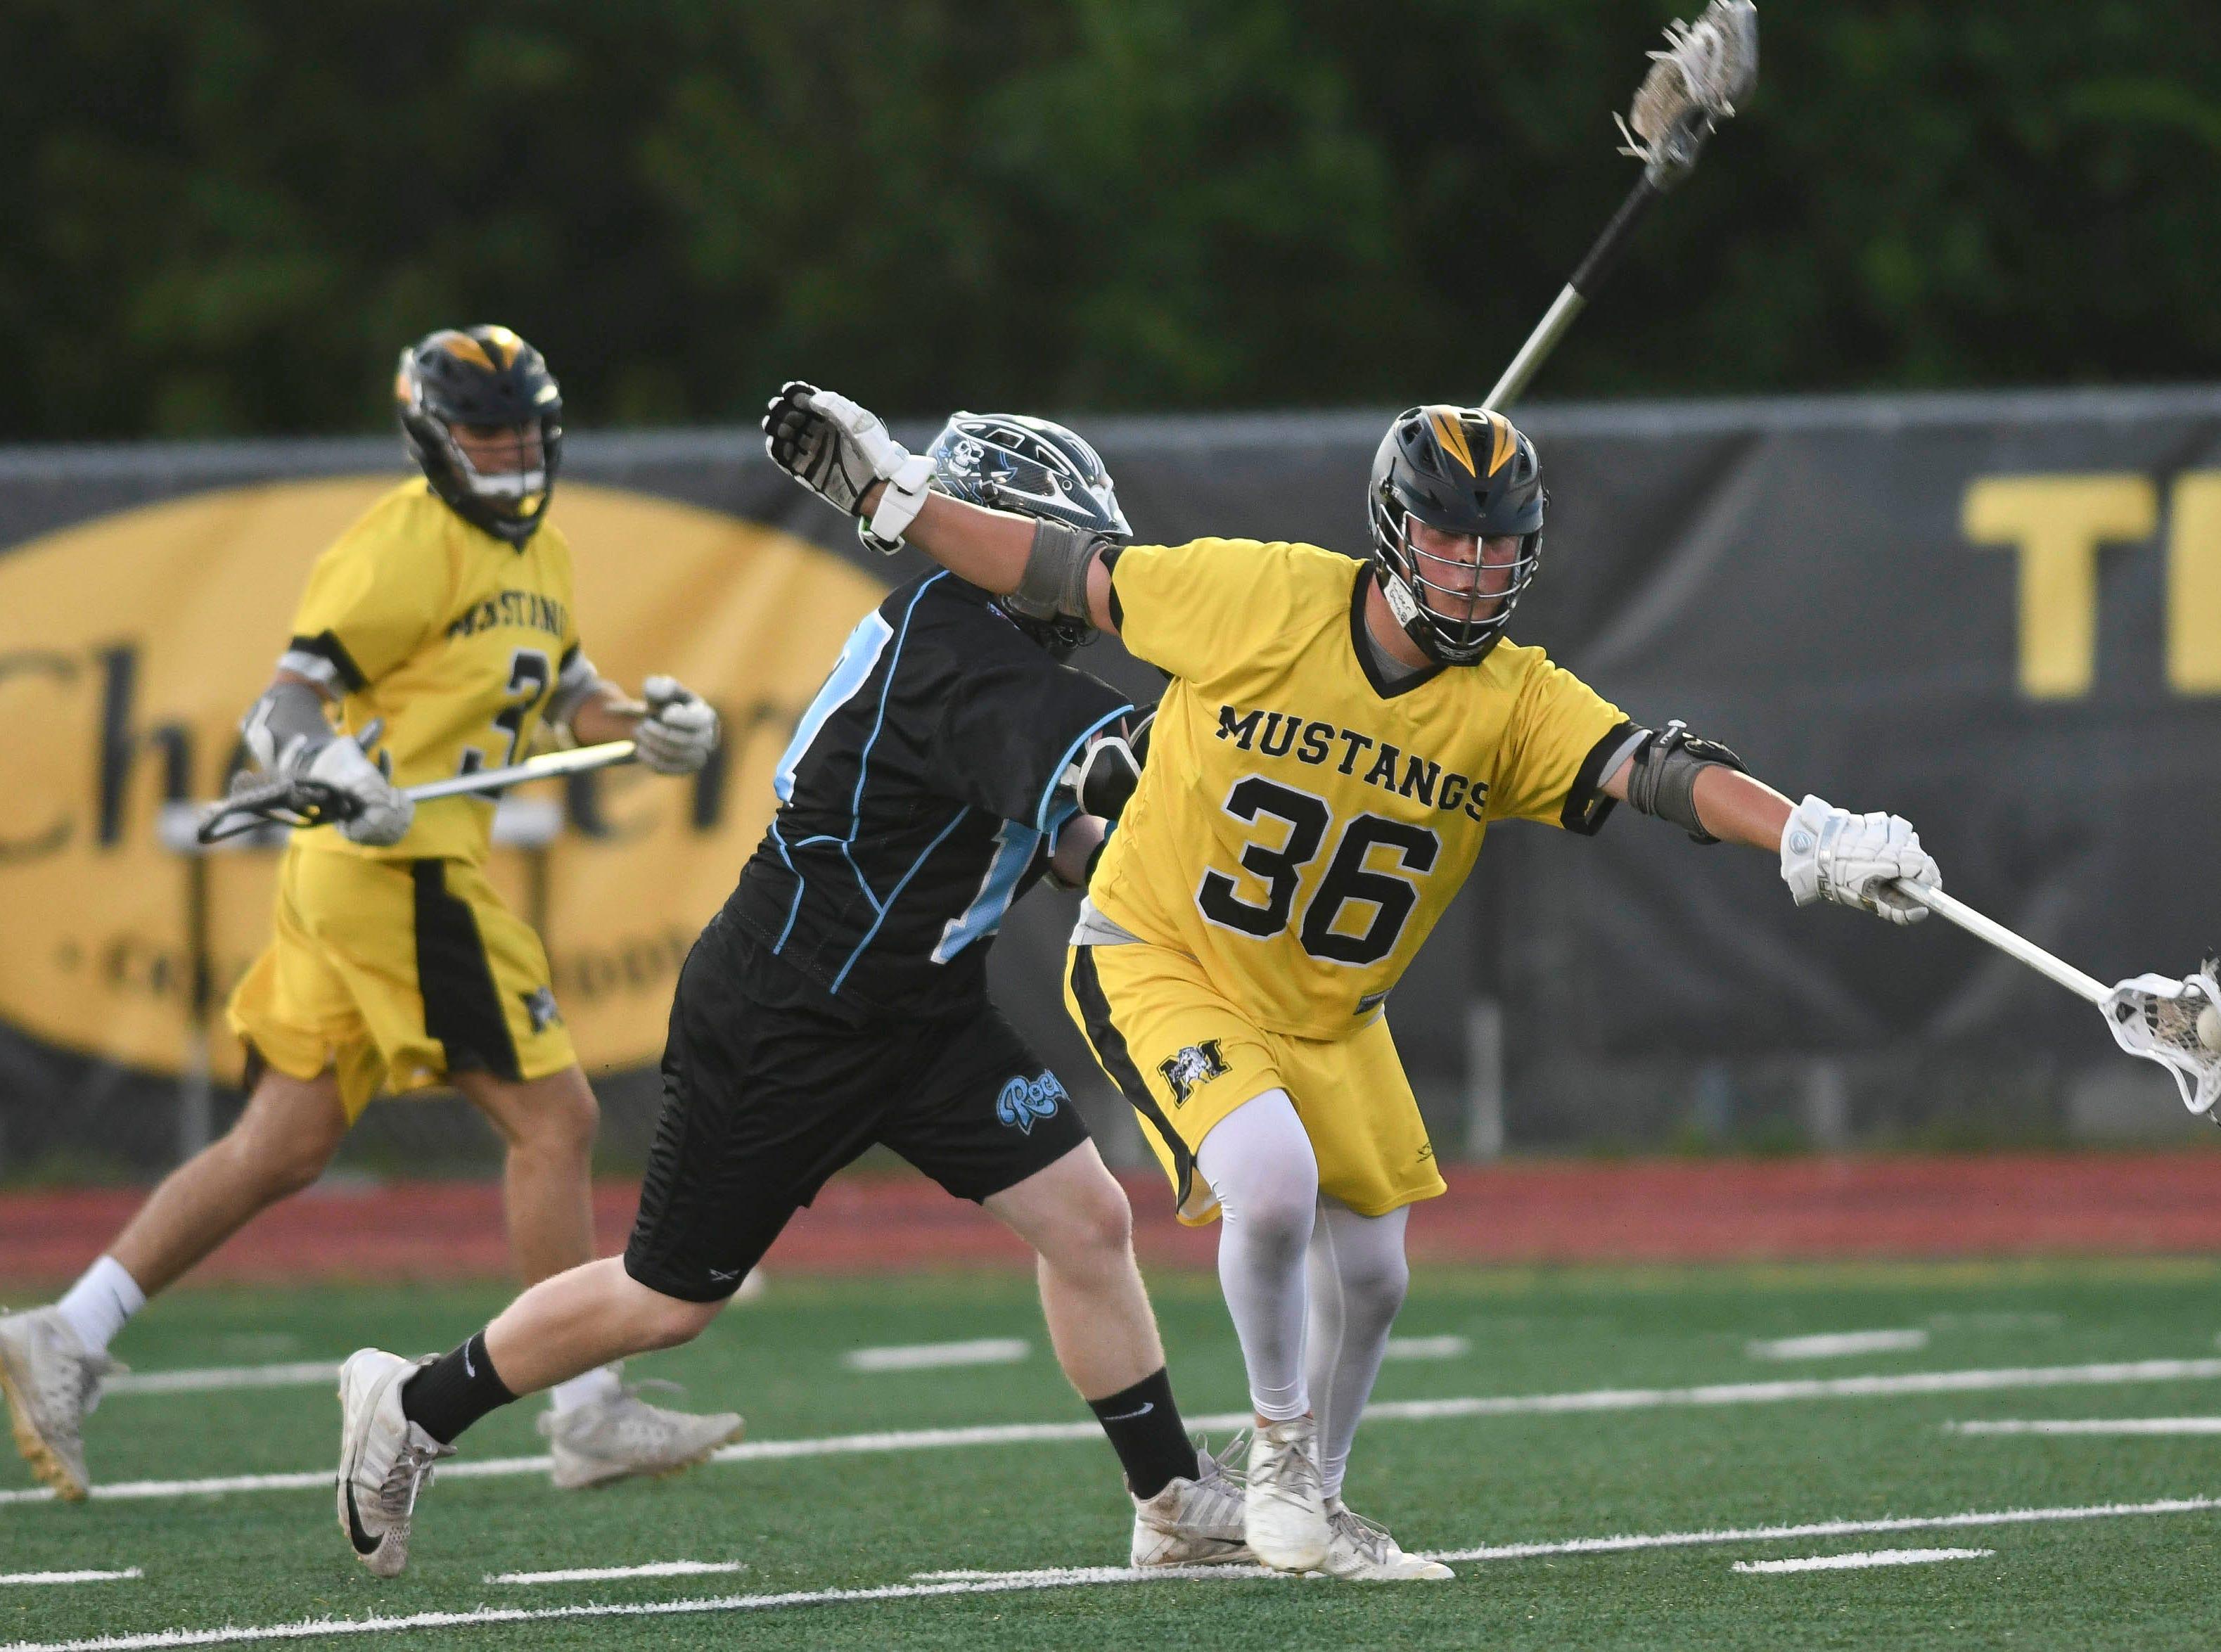 Zach Barnette of Merritt Island advances the ball during Wednesday's game against Rockledge.